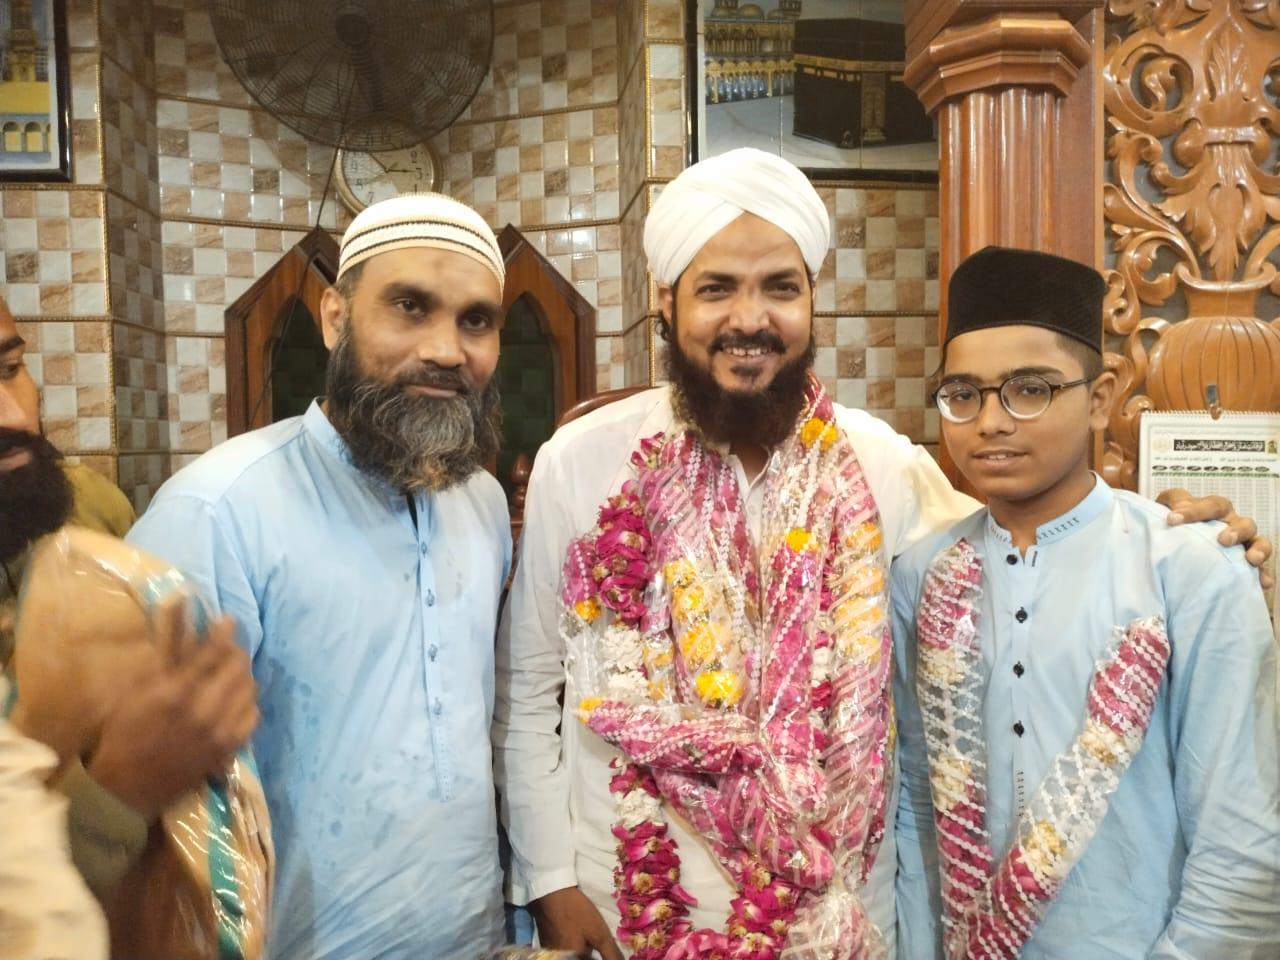 مدرسہ  اعلی حضرت اللہ والی مسجد حیدرآباد میں  تقریب